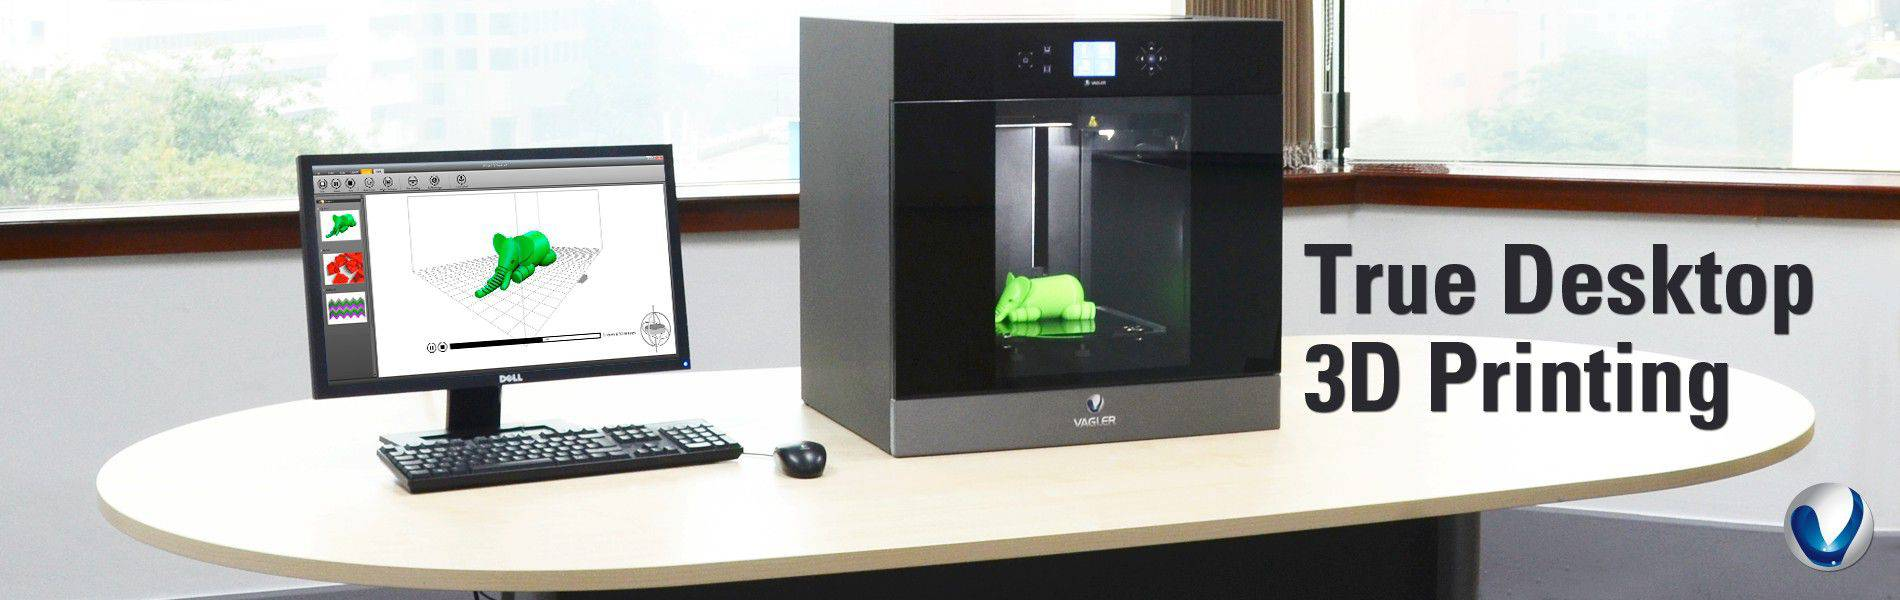 Vagler 3d printer education desktop